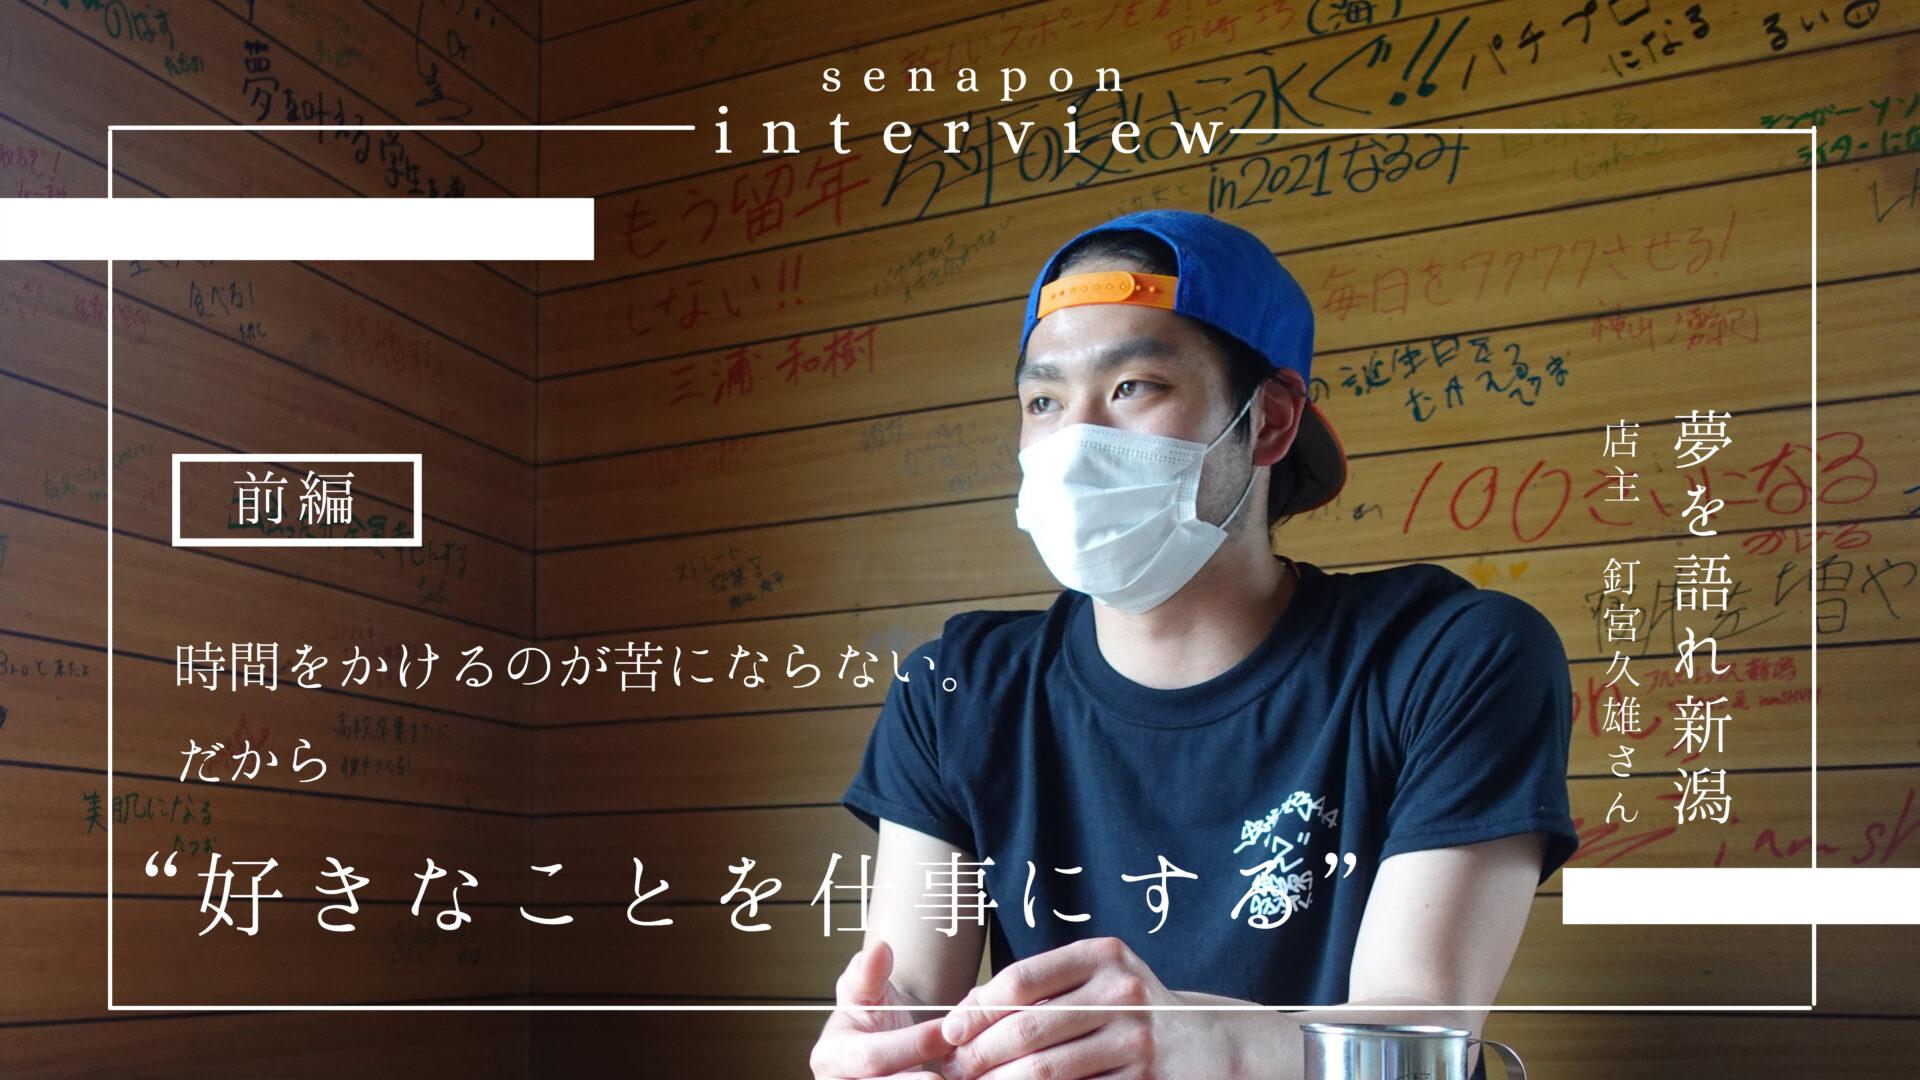 【前編】「夢を語れ新潟」店主釘宮さんインタビュー 時間をかけるのが苦にならない。だから好きなことを仕事にする。